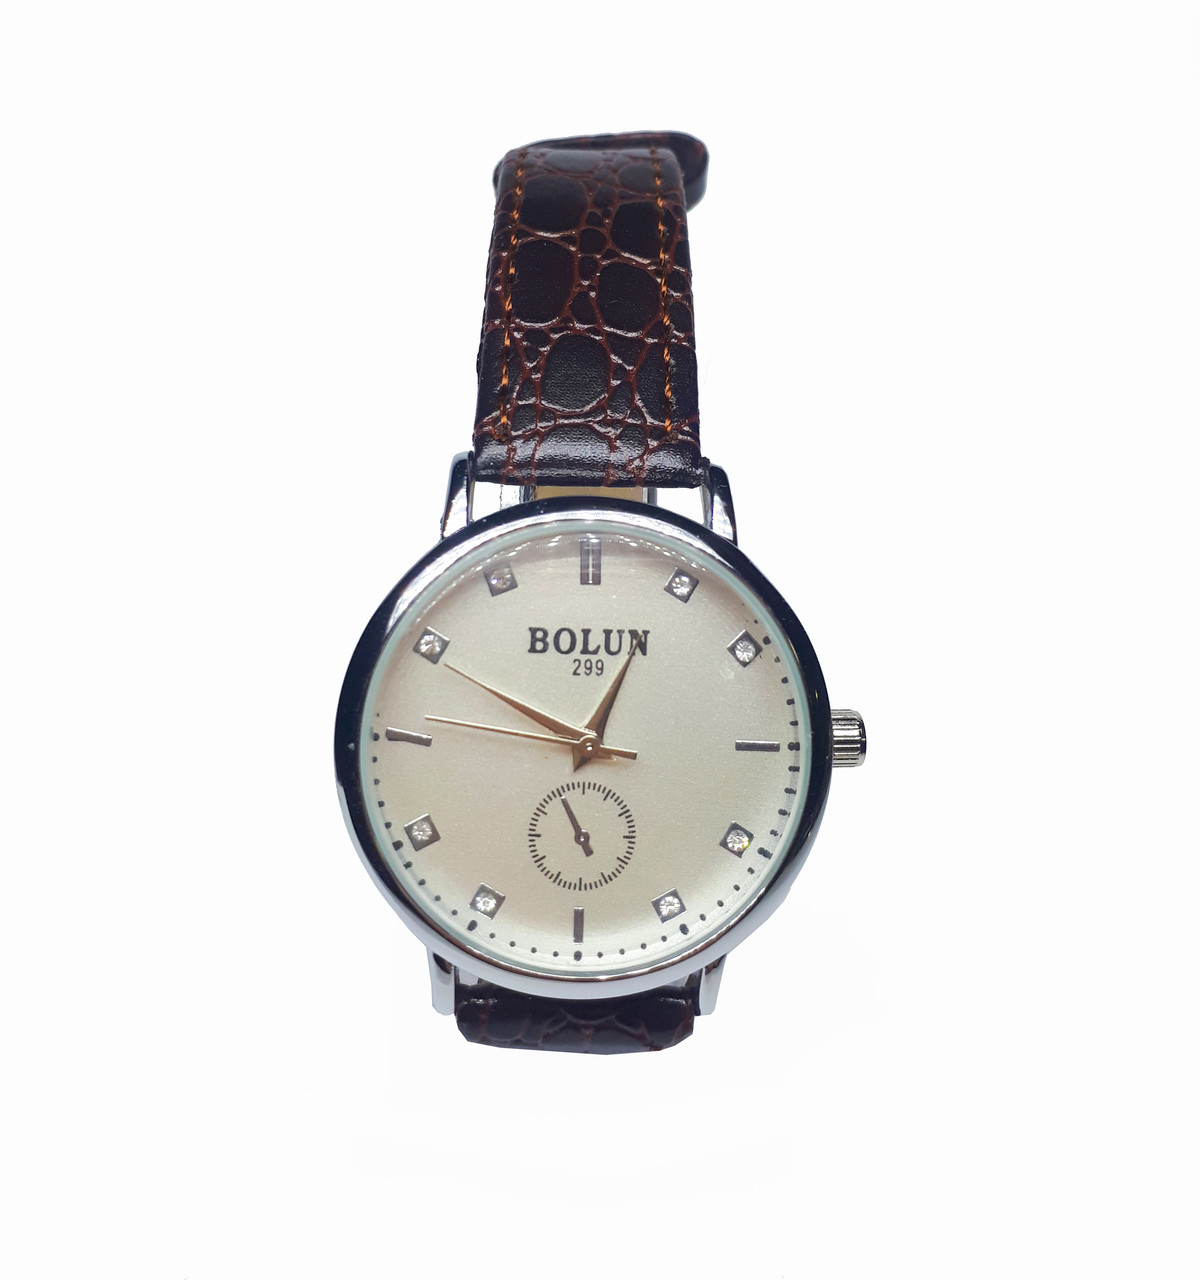 Часы Bolun женские  299 Коричневый